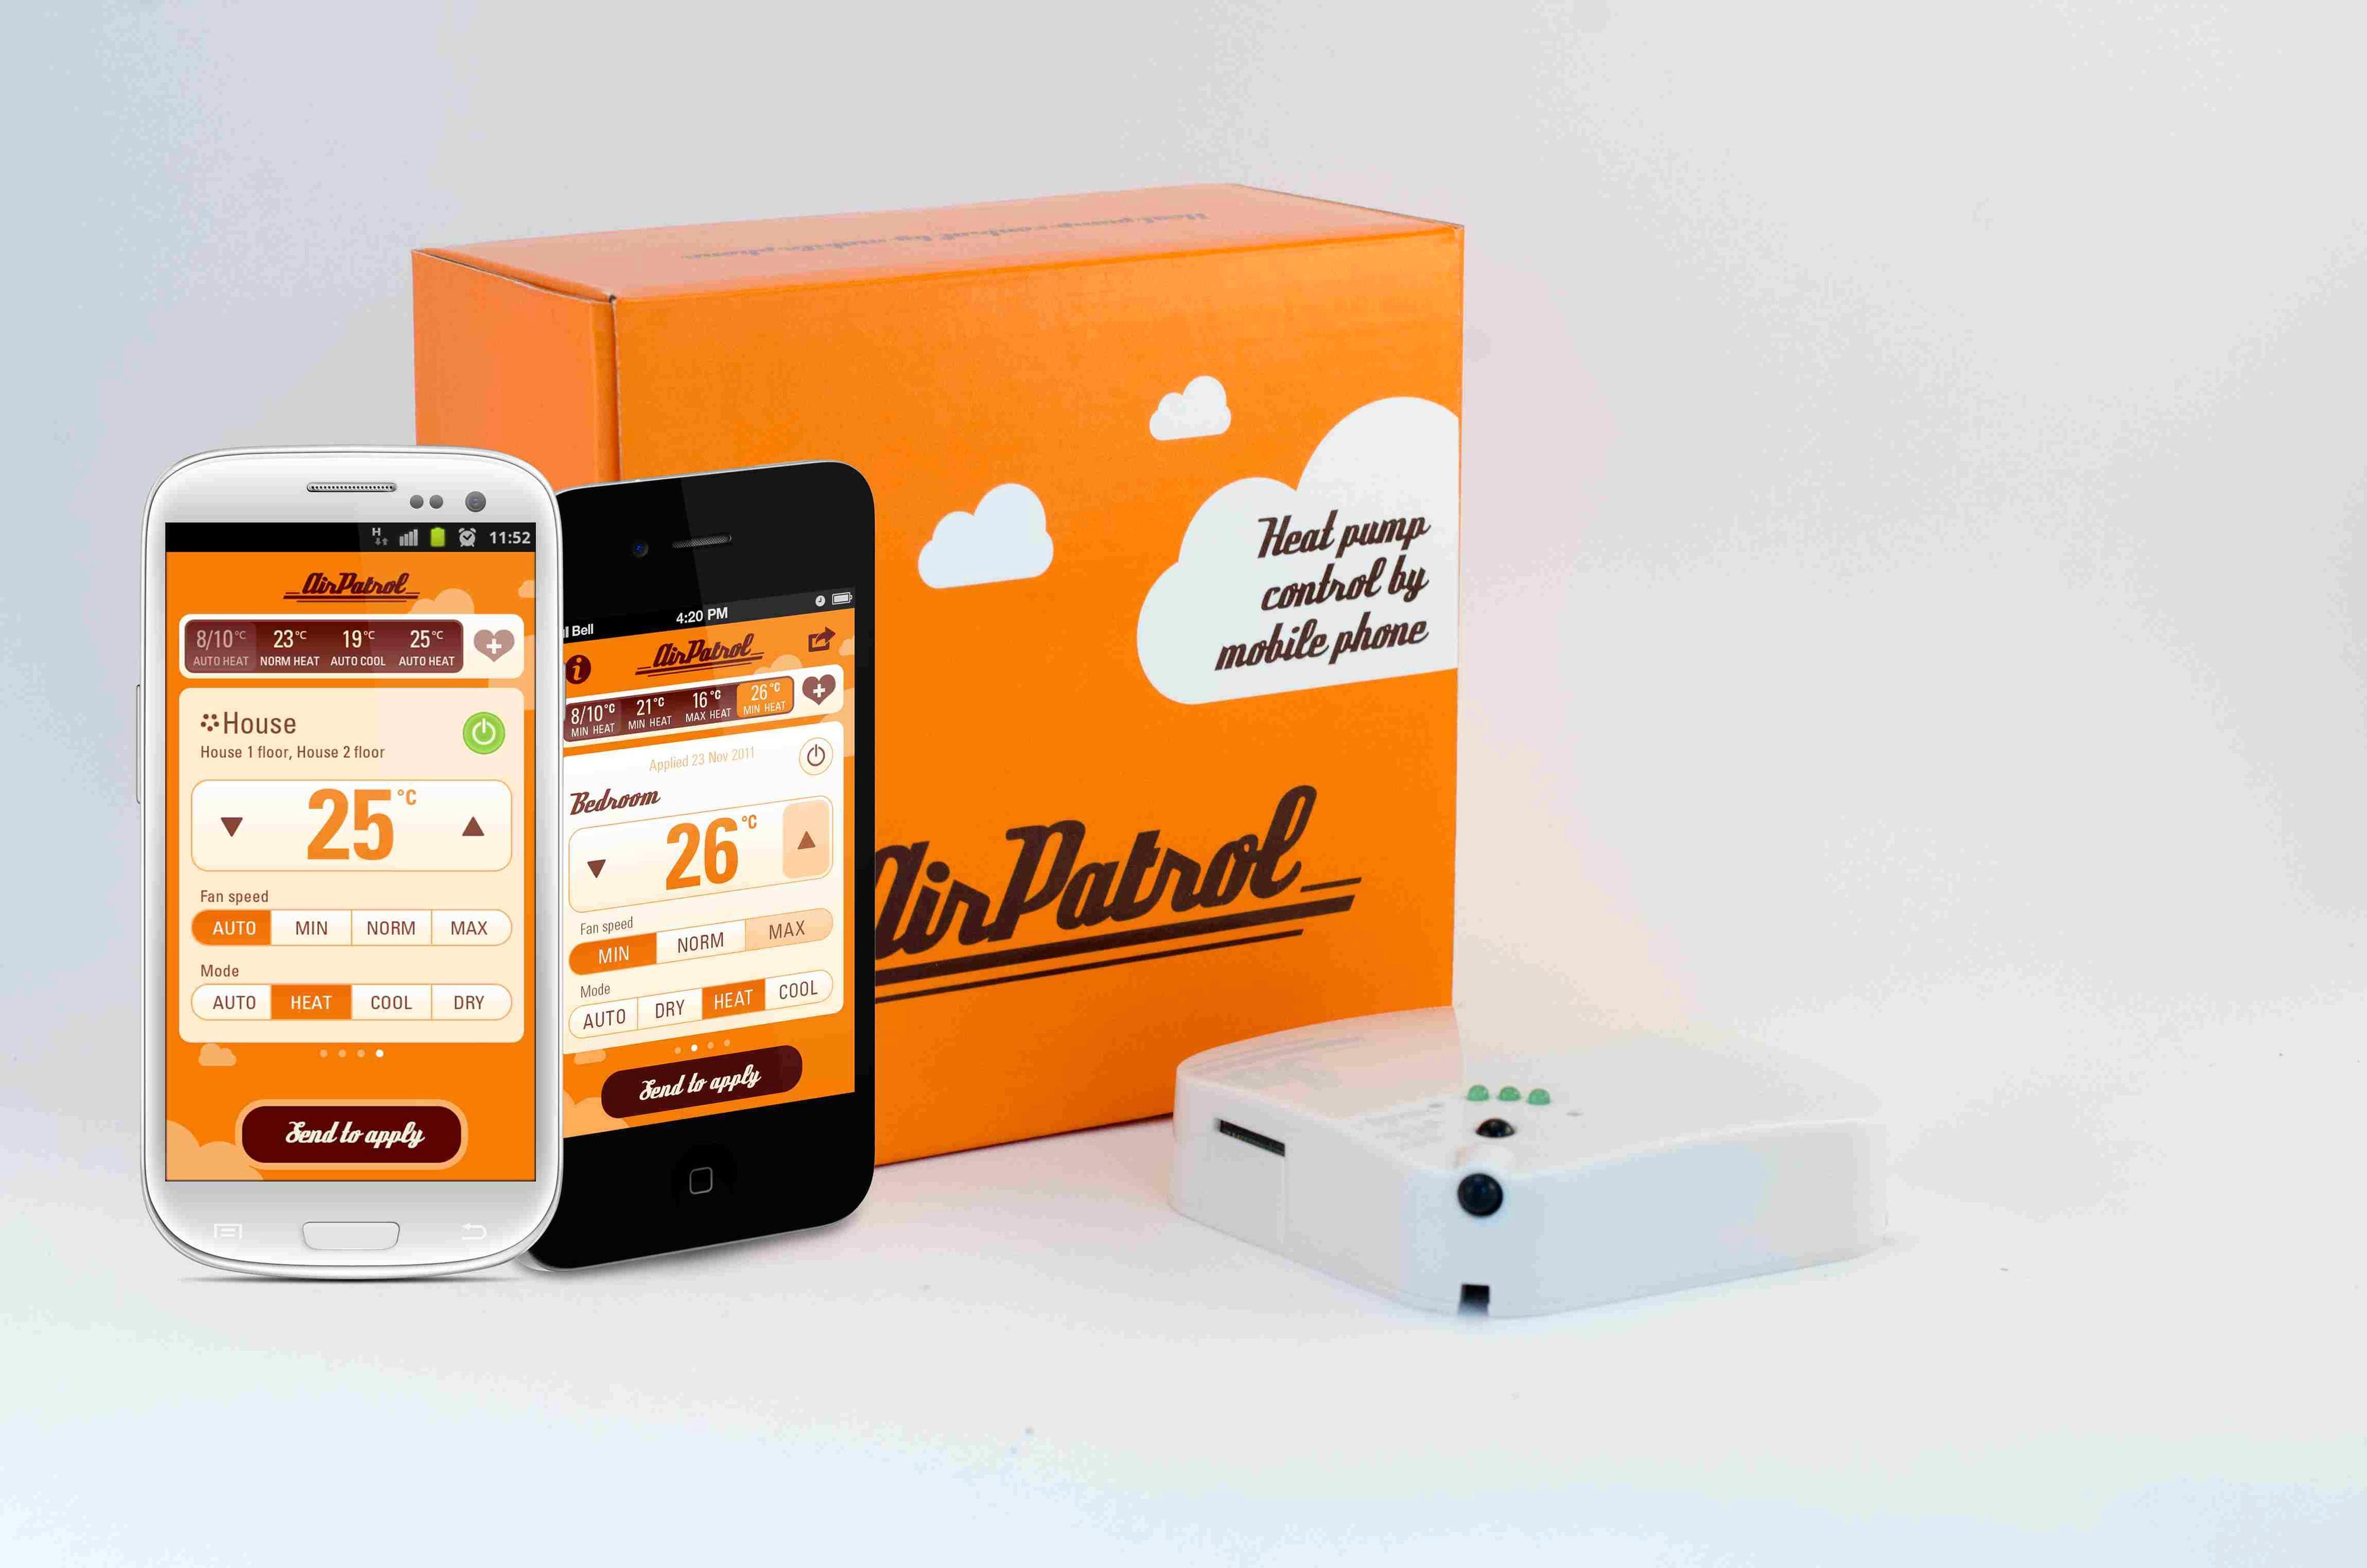 AirPatrol kan være et alternativ om du har en eldre varmepumpe. Foto: AirPatrol